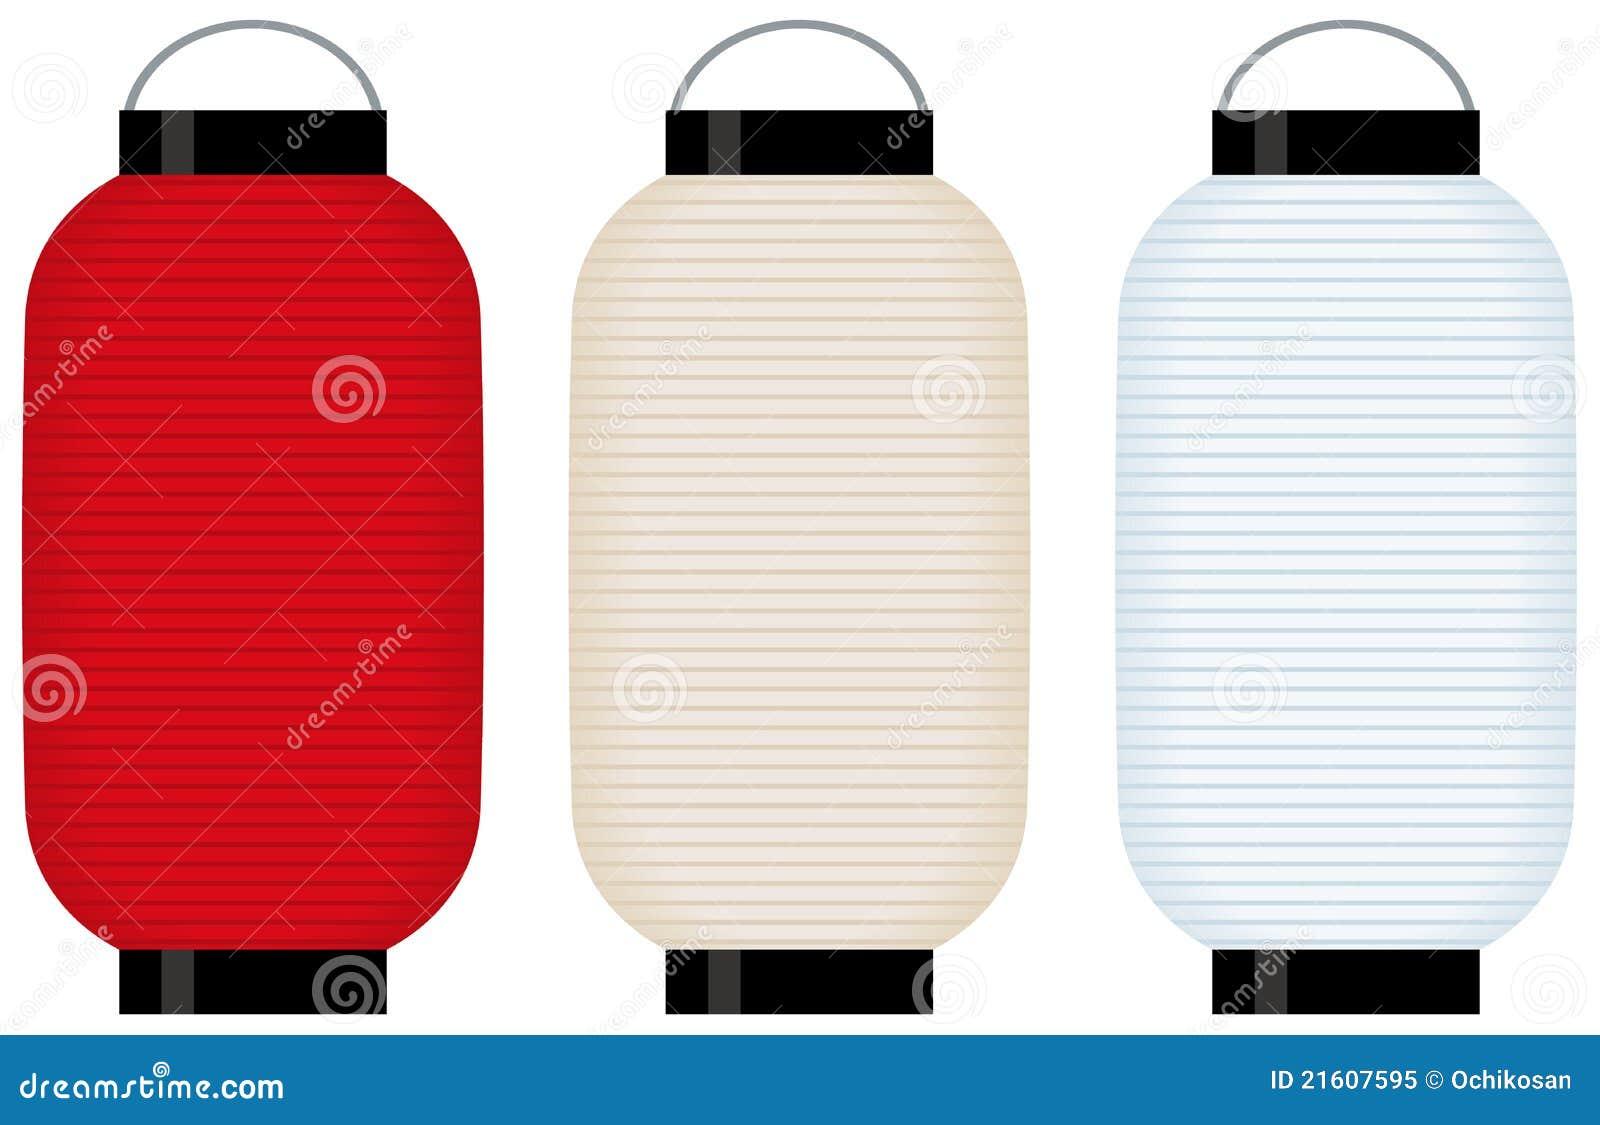 lampion tenu dans la main de grande taille photo libre de droits image 21607595. Black Bedroom Furniture Sets. Home Design Ideas